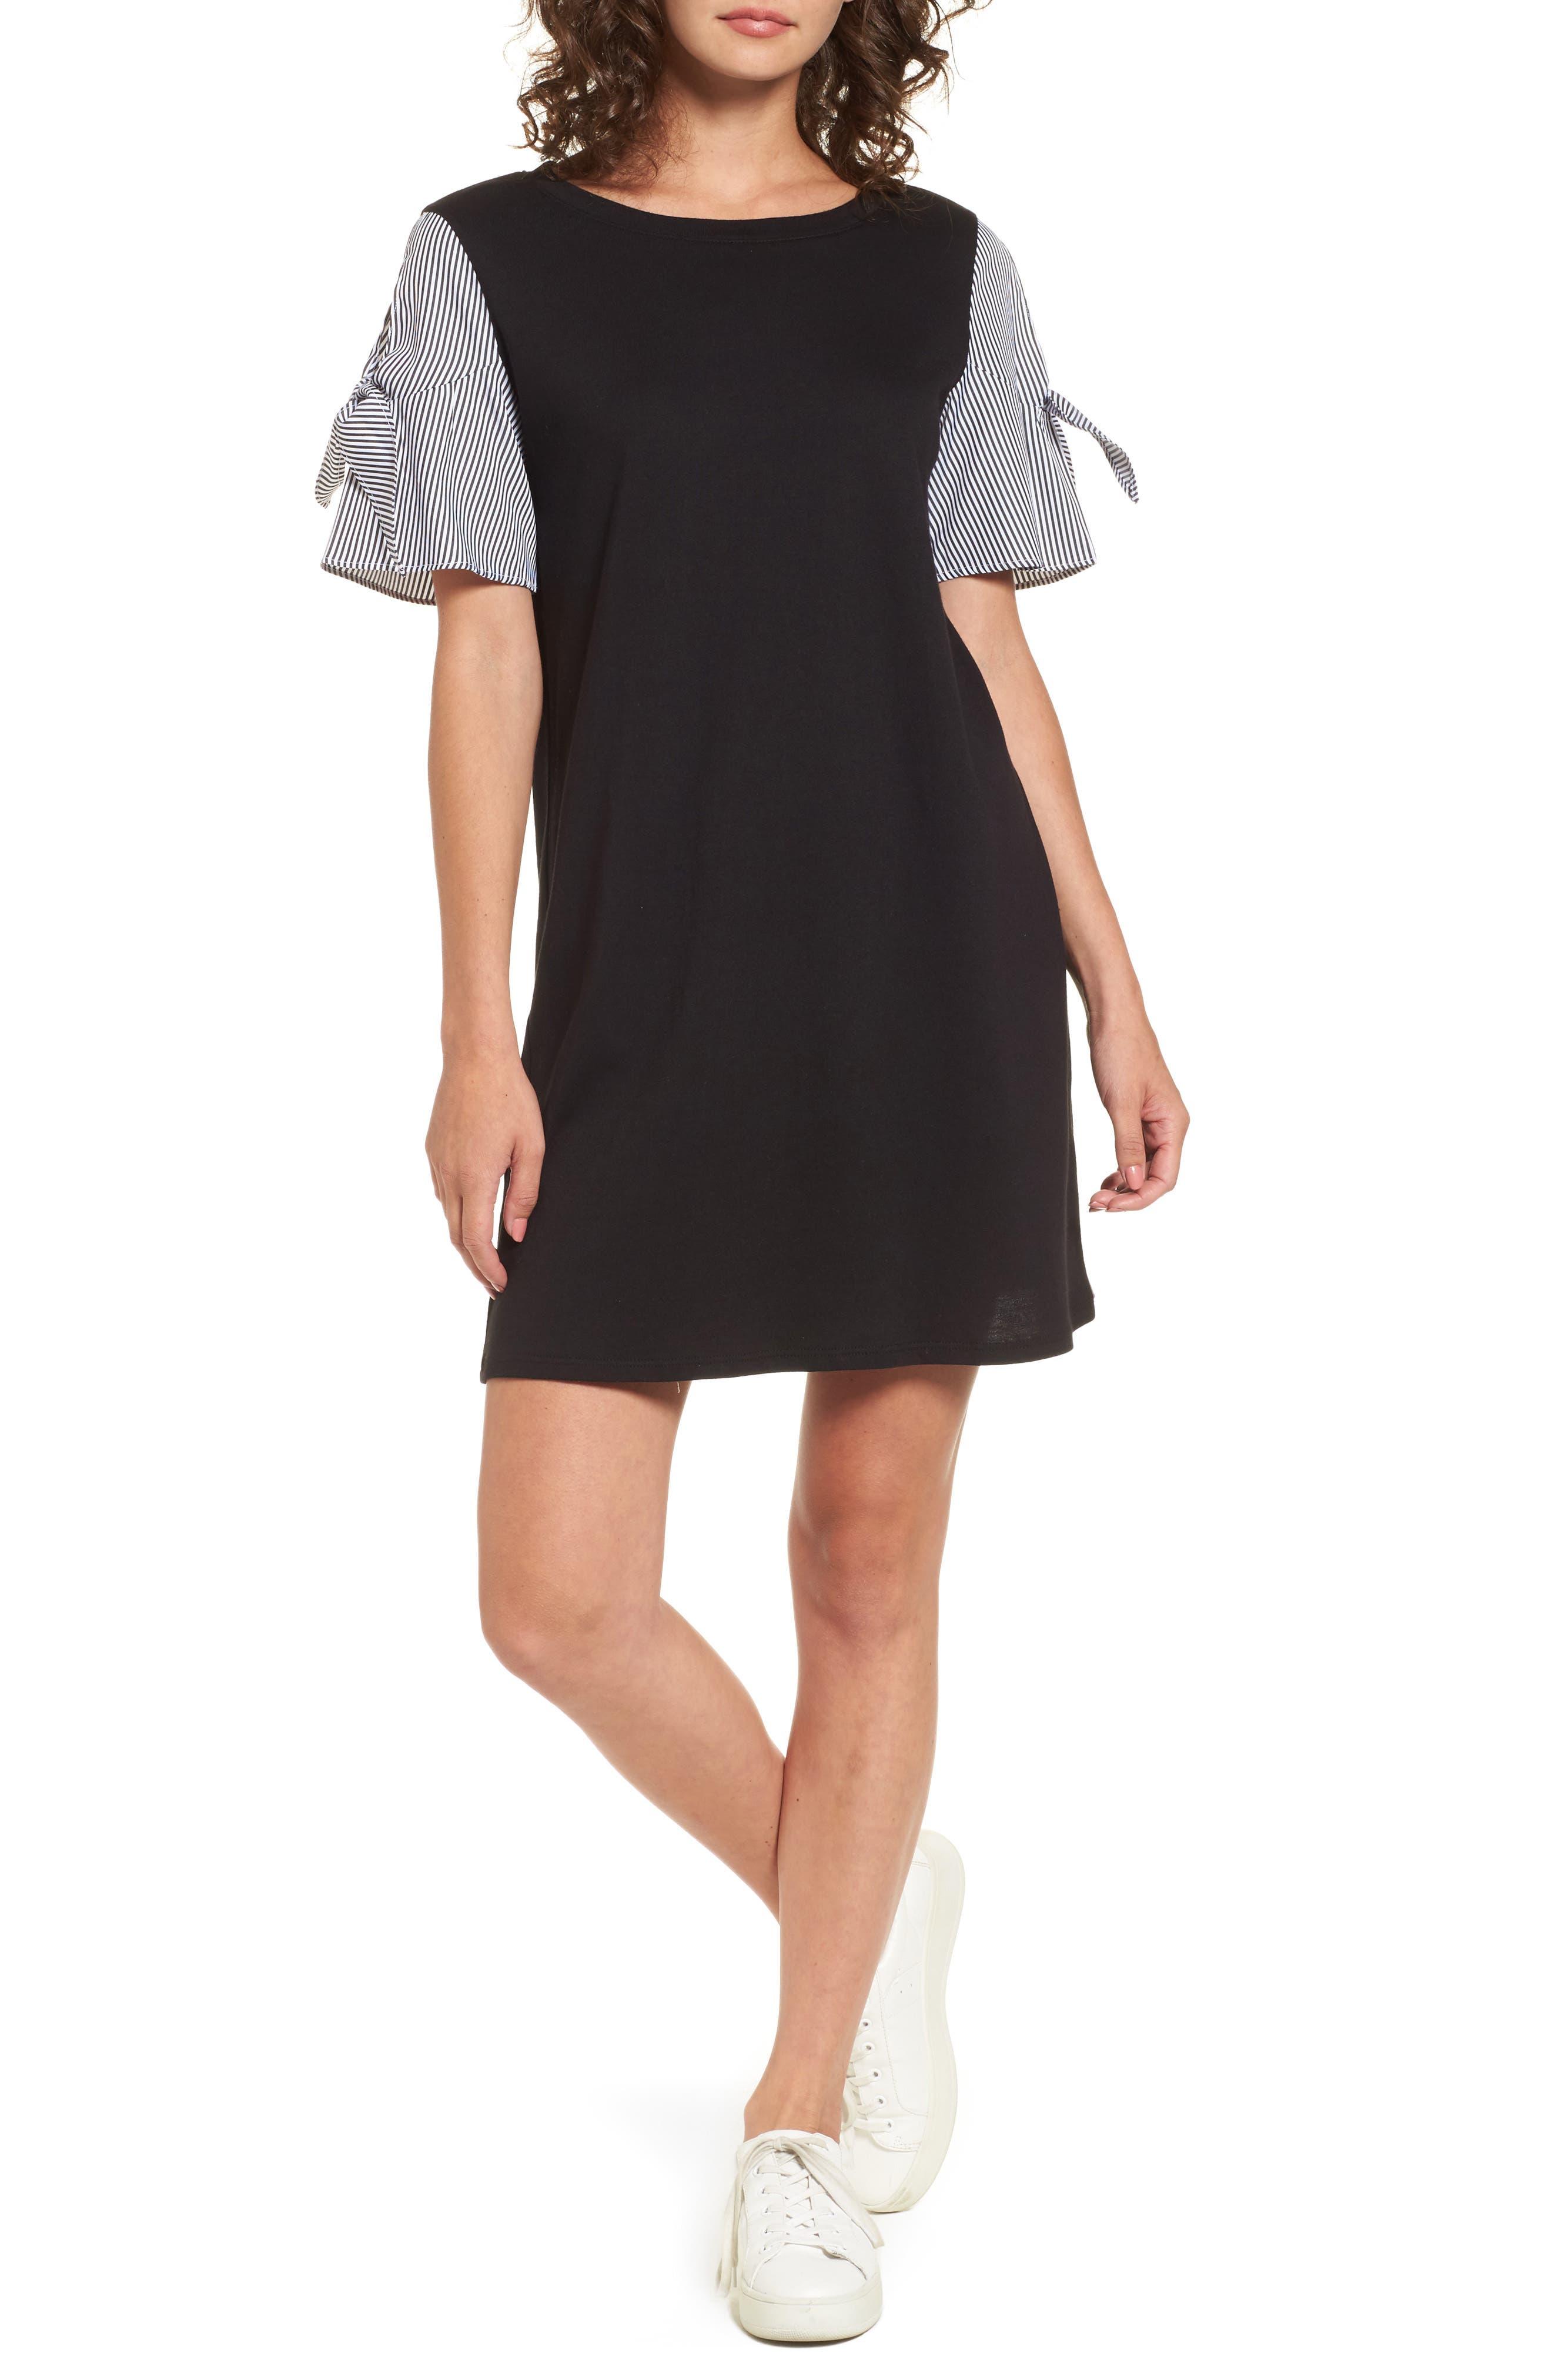 SOCIALITE Poplin Sleeve Knit Dress